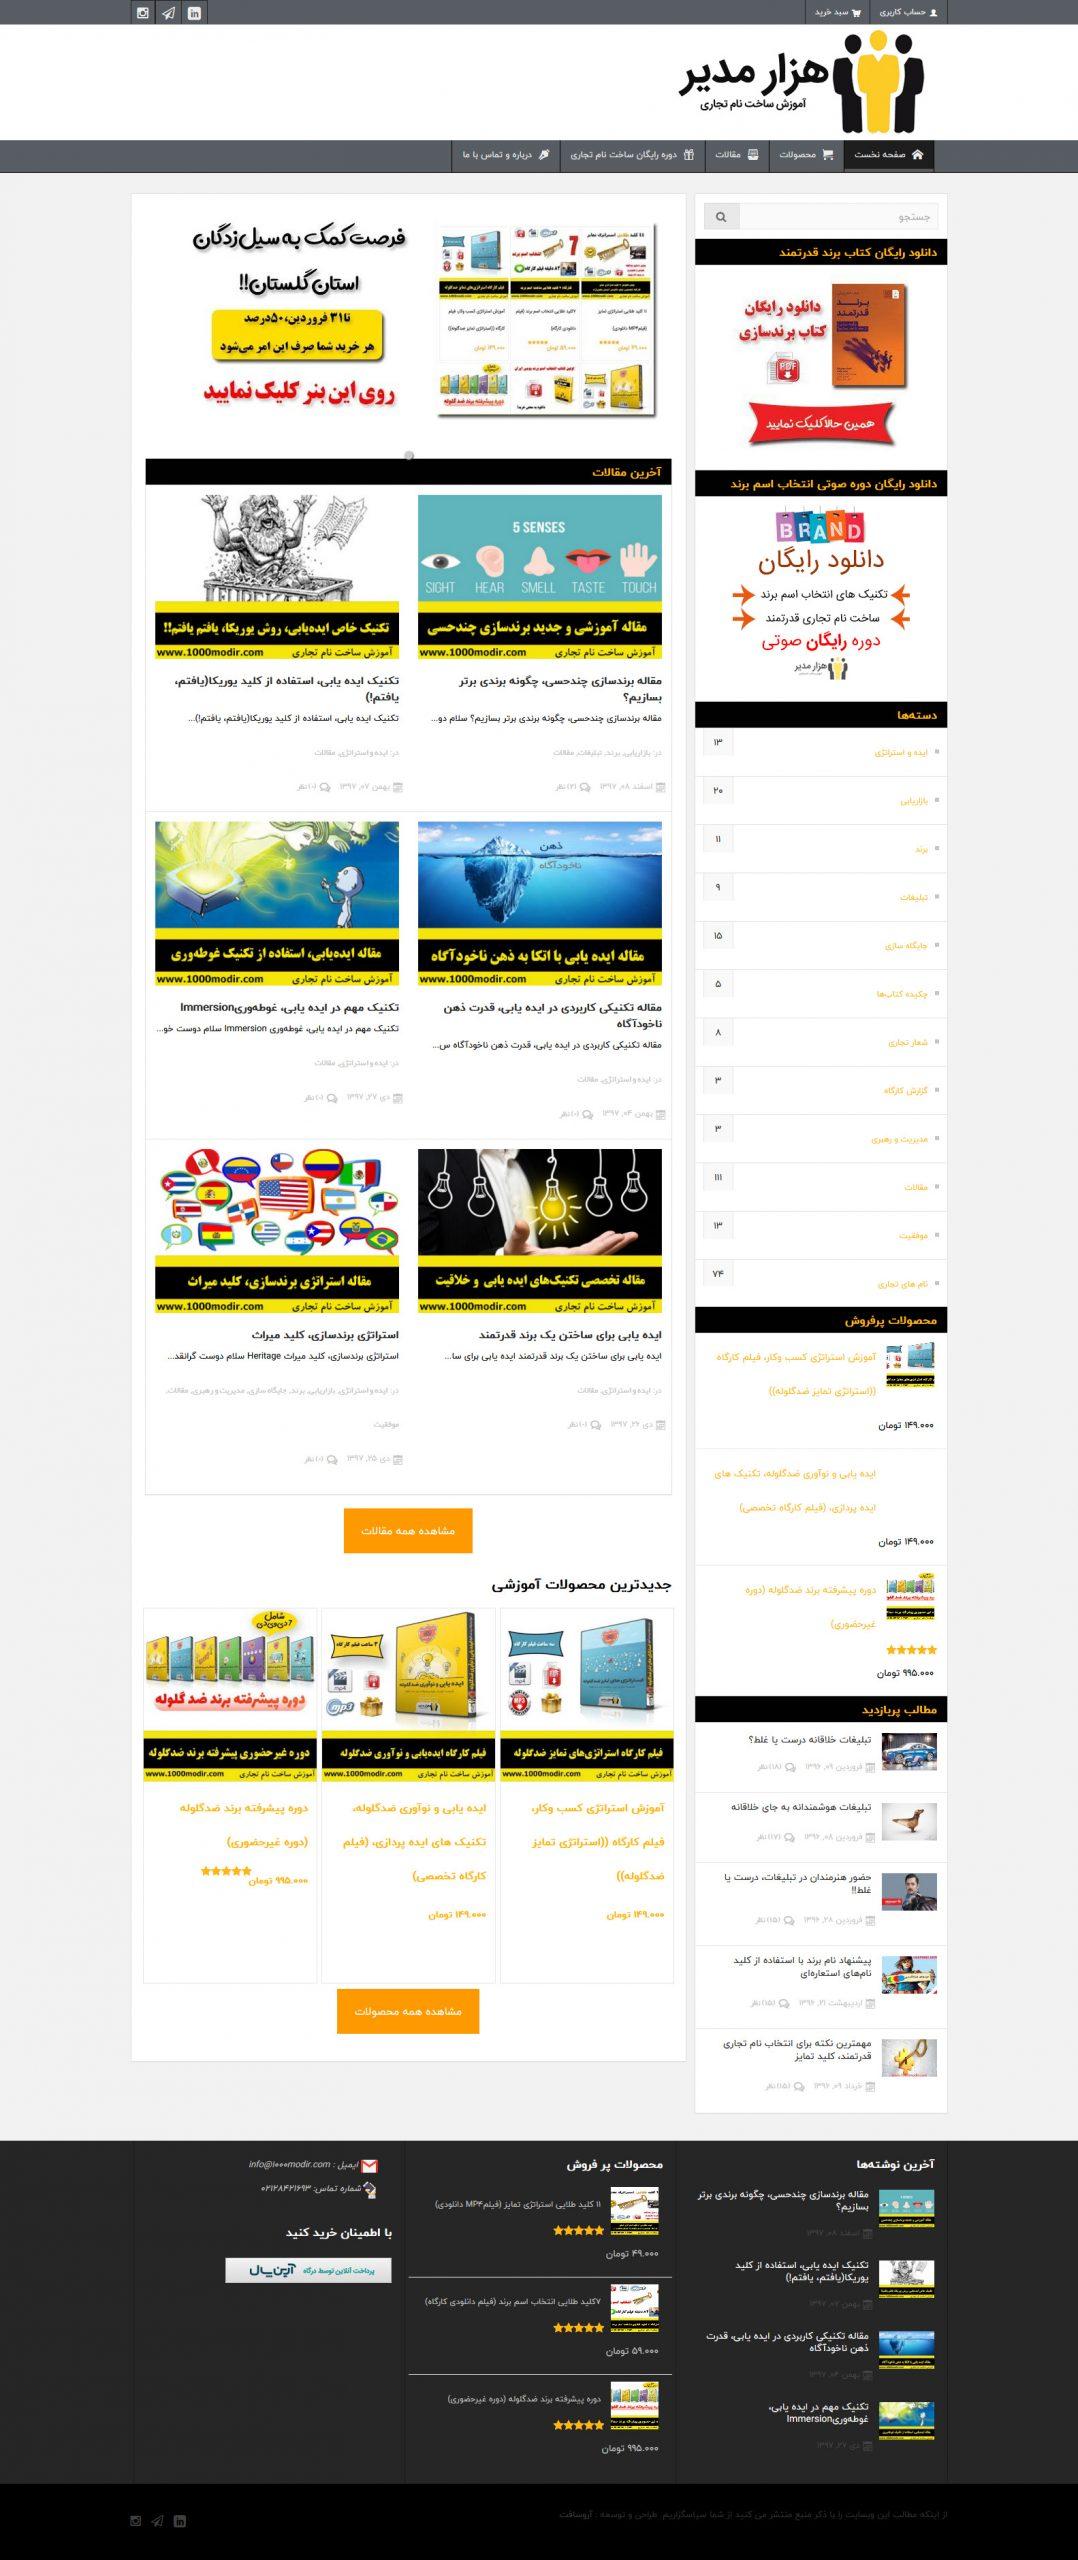 طراحی سایت آموزشی هزار مدیر ۱۰۰۰modir